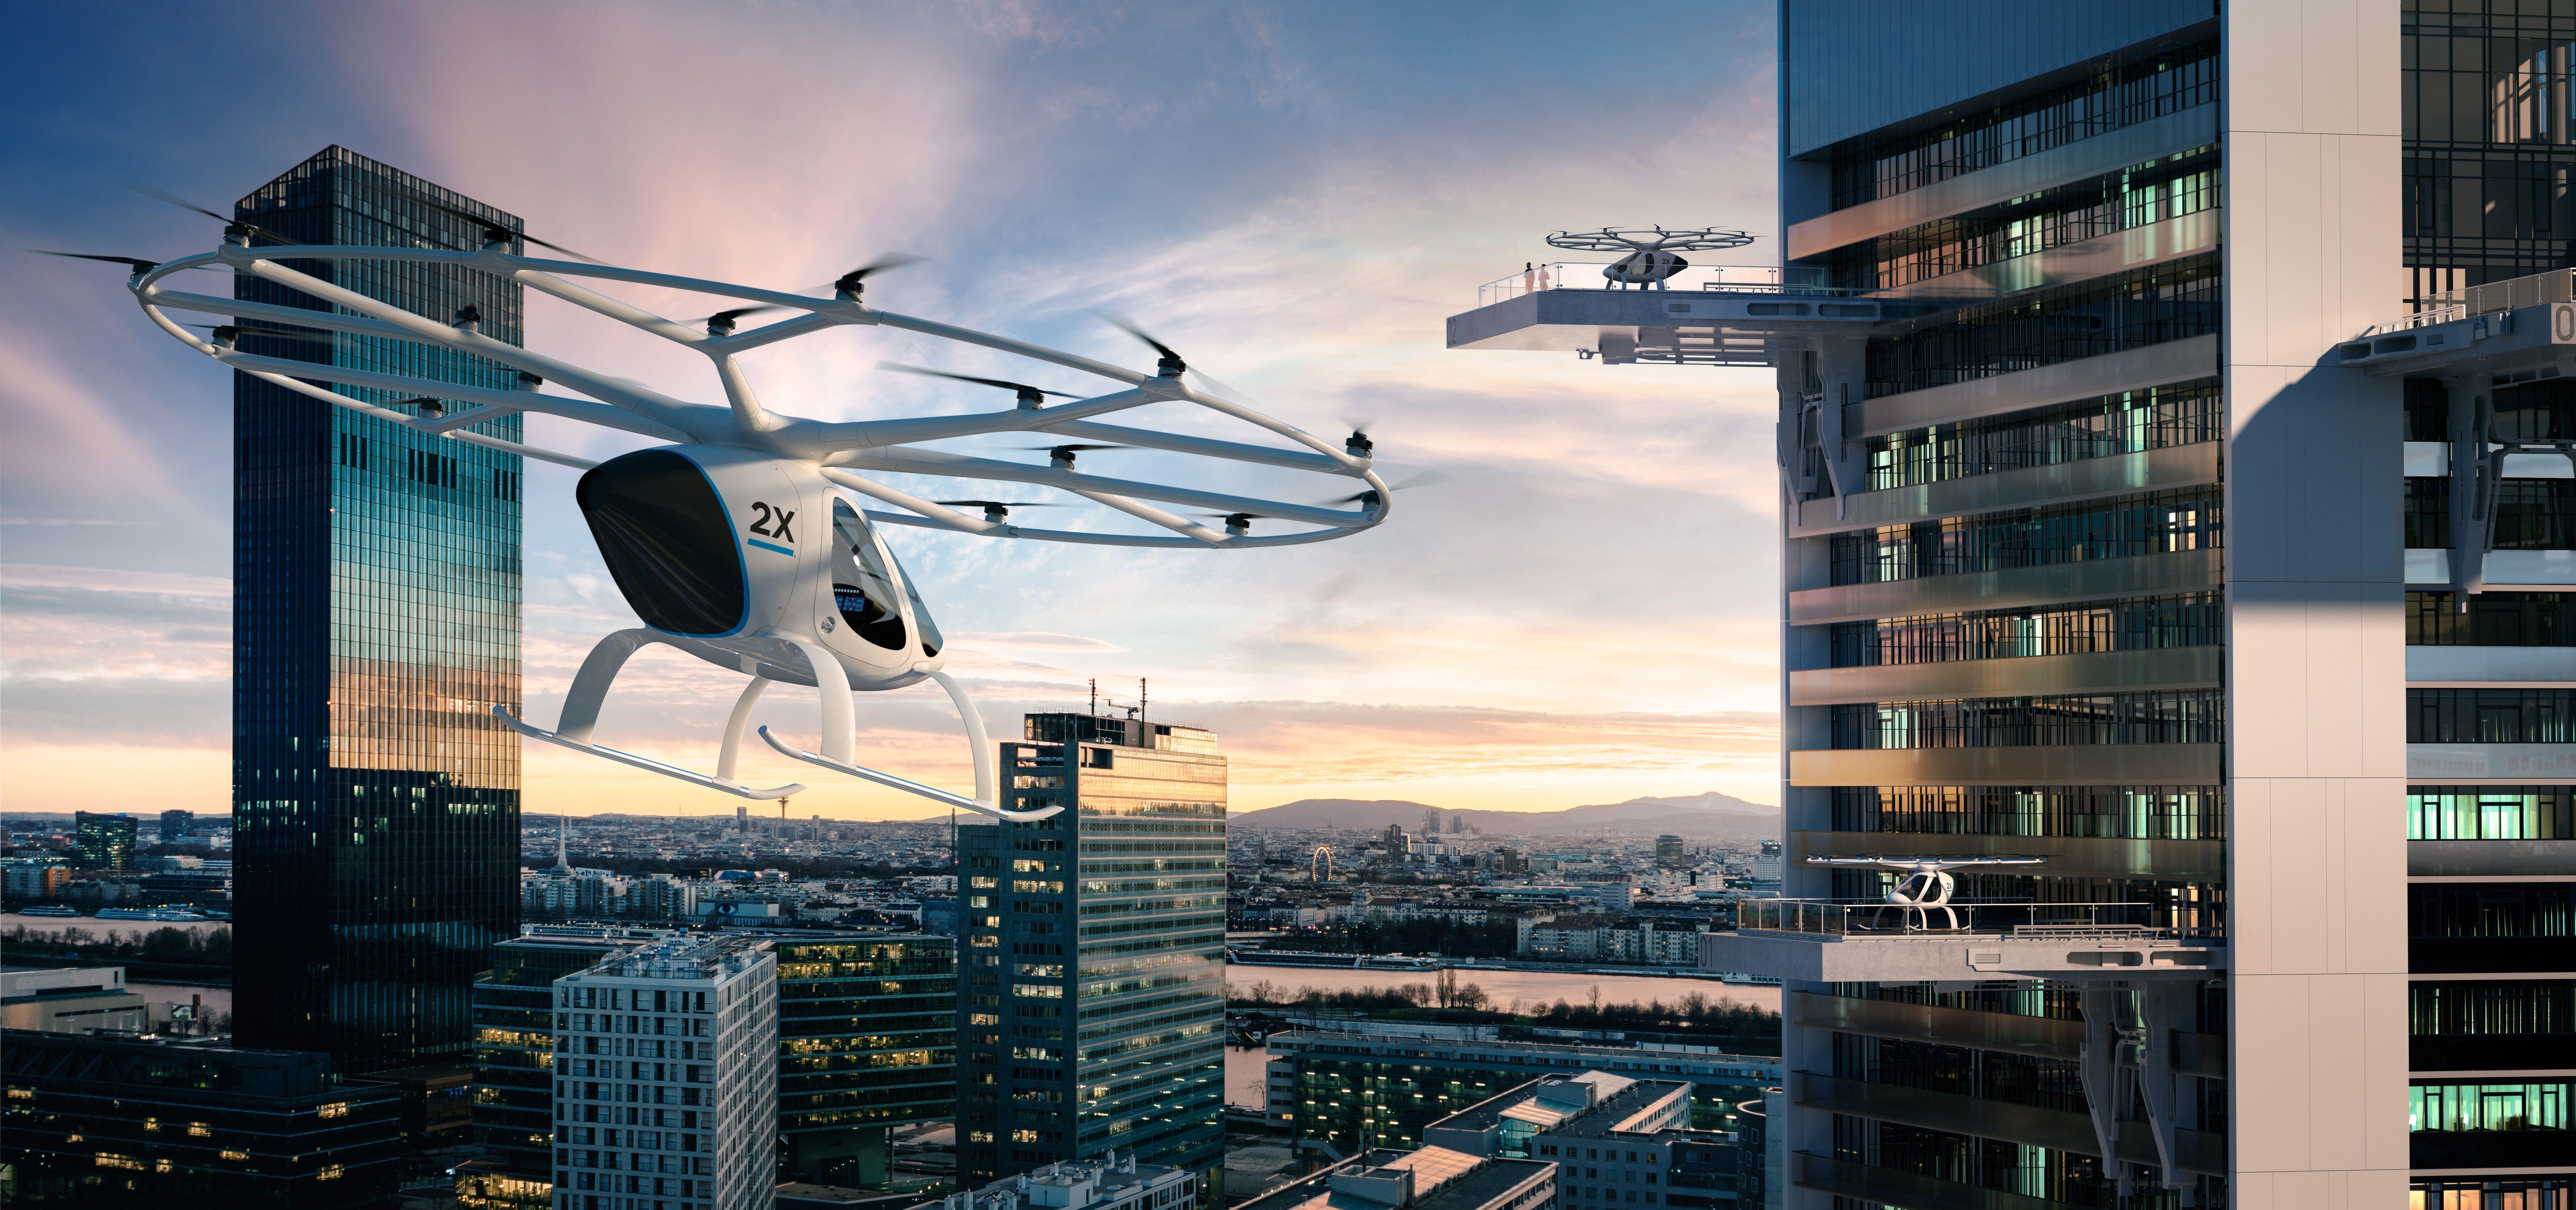 Volocopter2Xbis